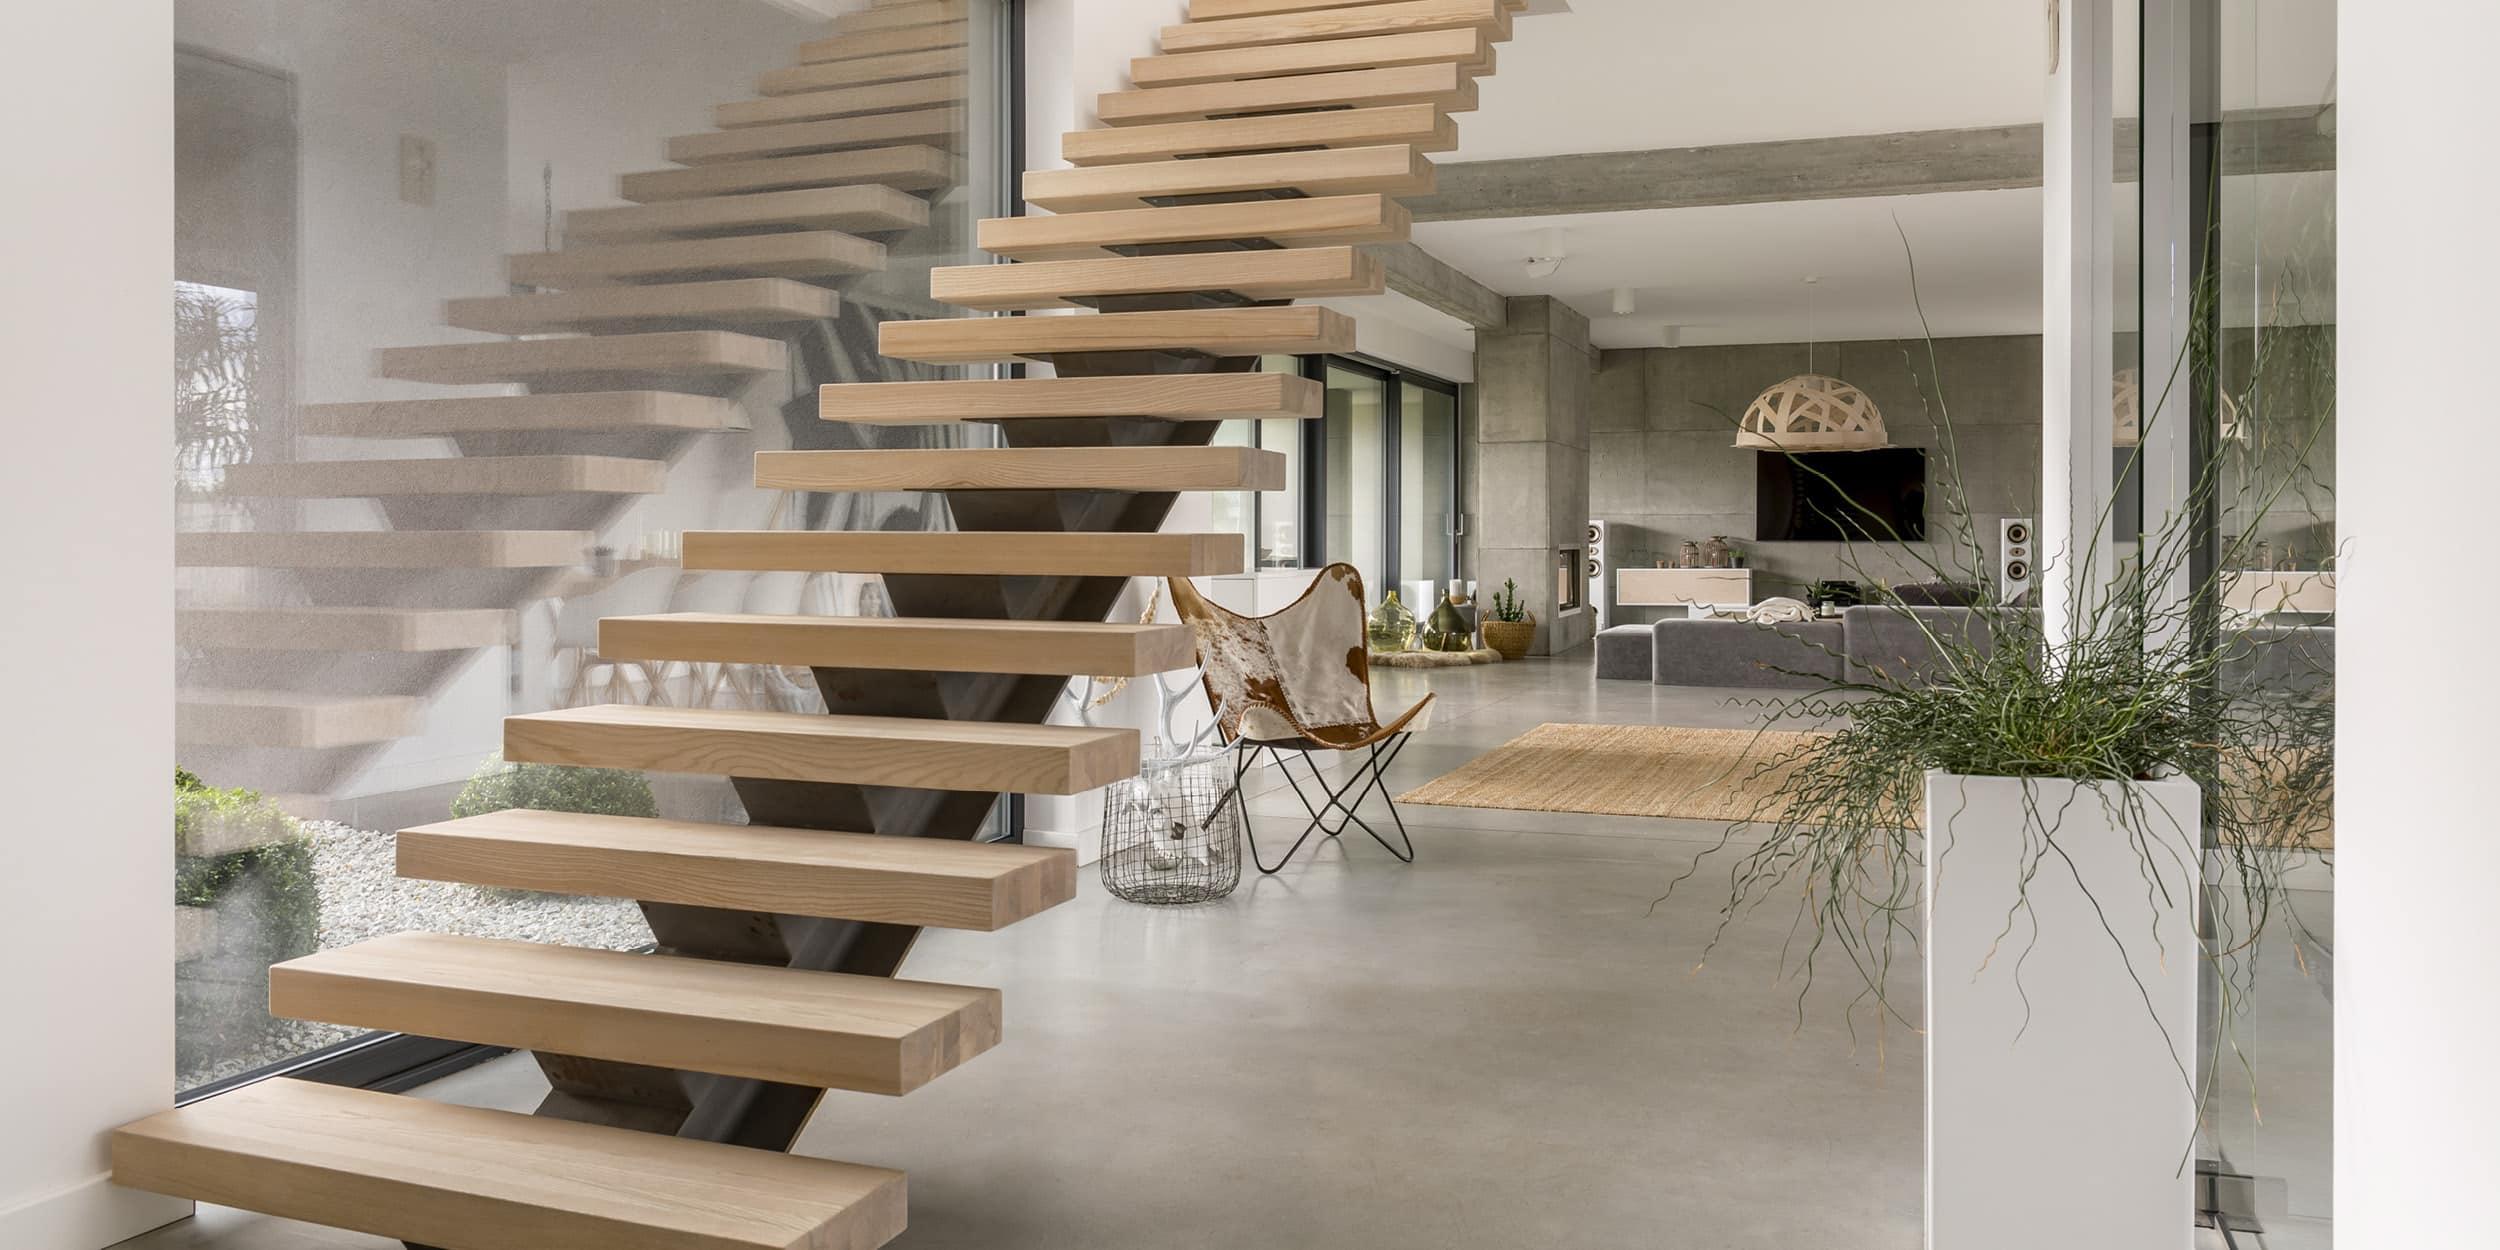 Escalier Bois Entre Deux Murs buldi - maison neuve : comment bien choisir son escalier ?